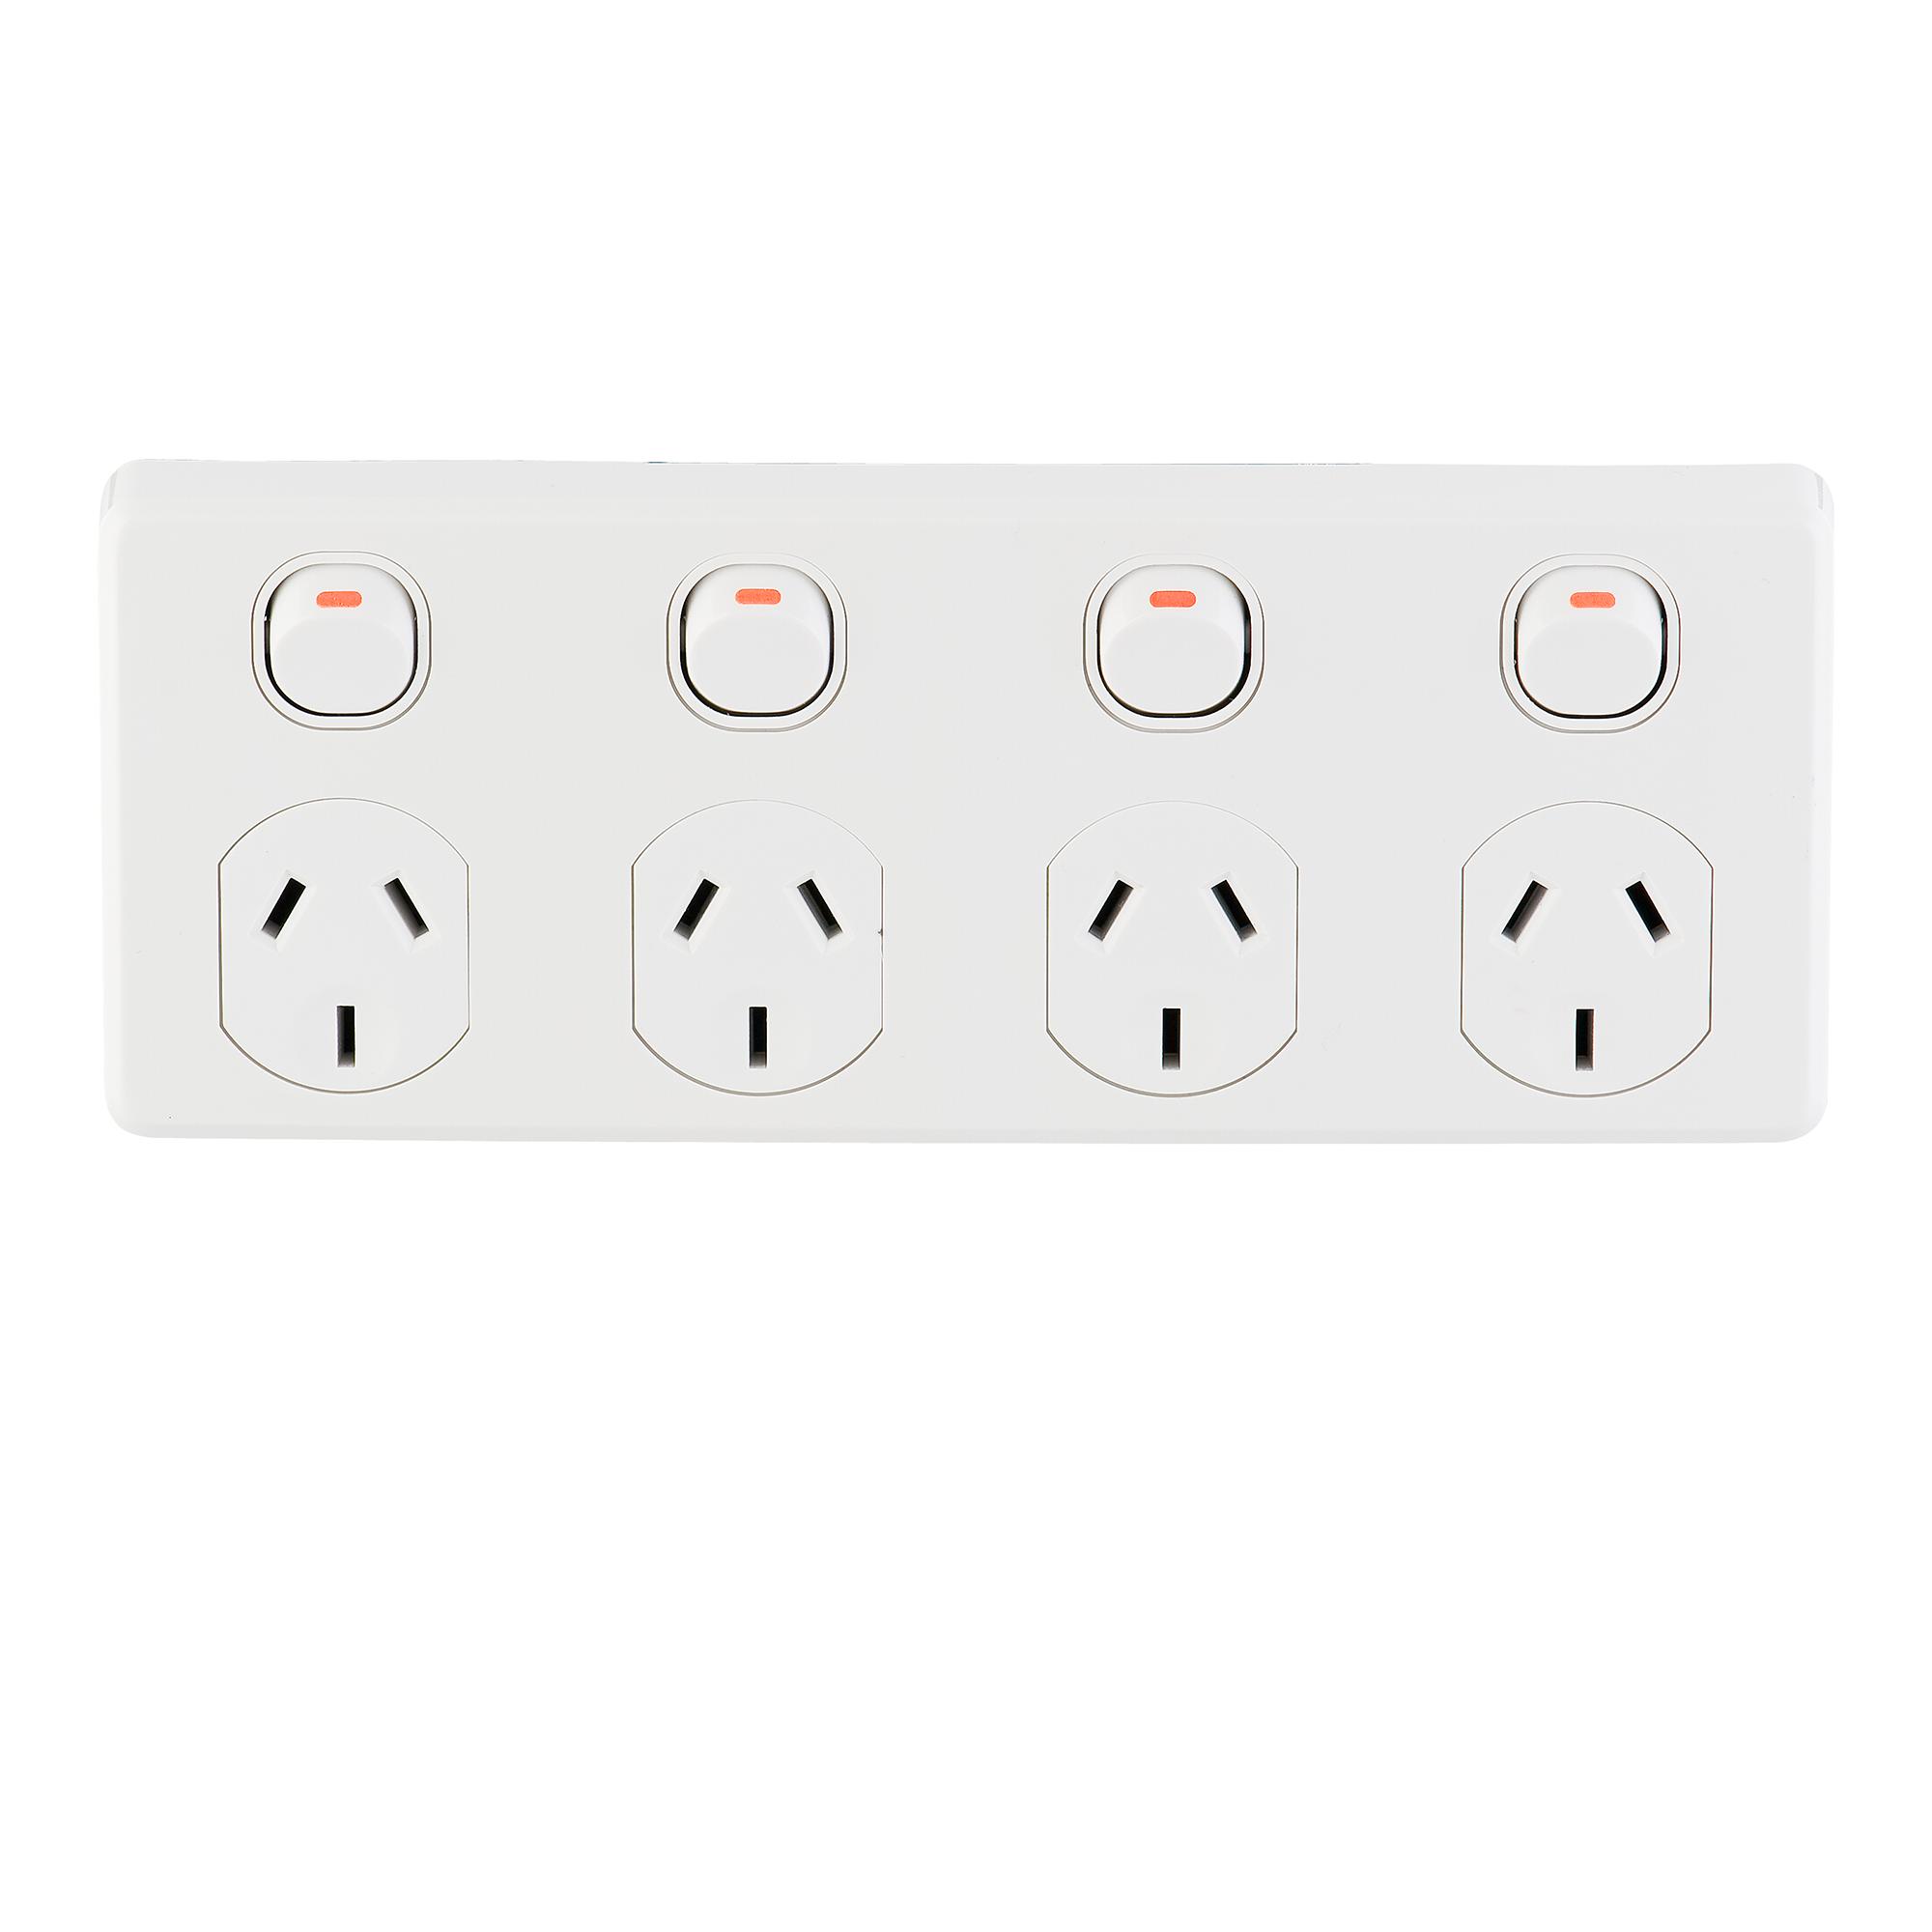 Deta four outlet power point